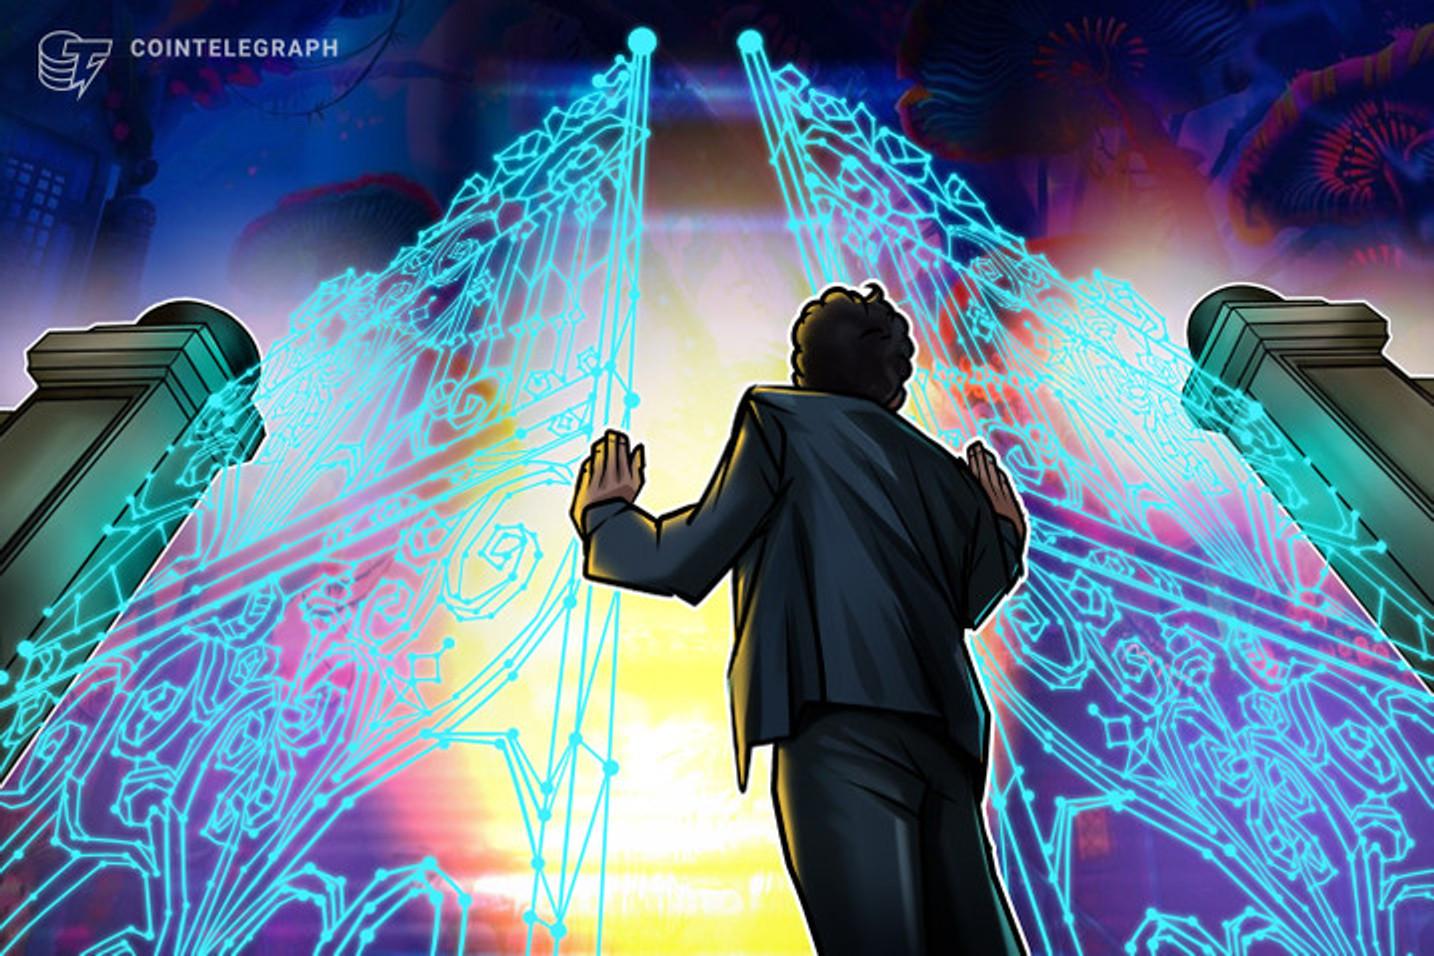 Bundeskabinett beschließt Gesetz zur Einführung von elektronischen Wertpapieren